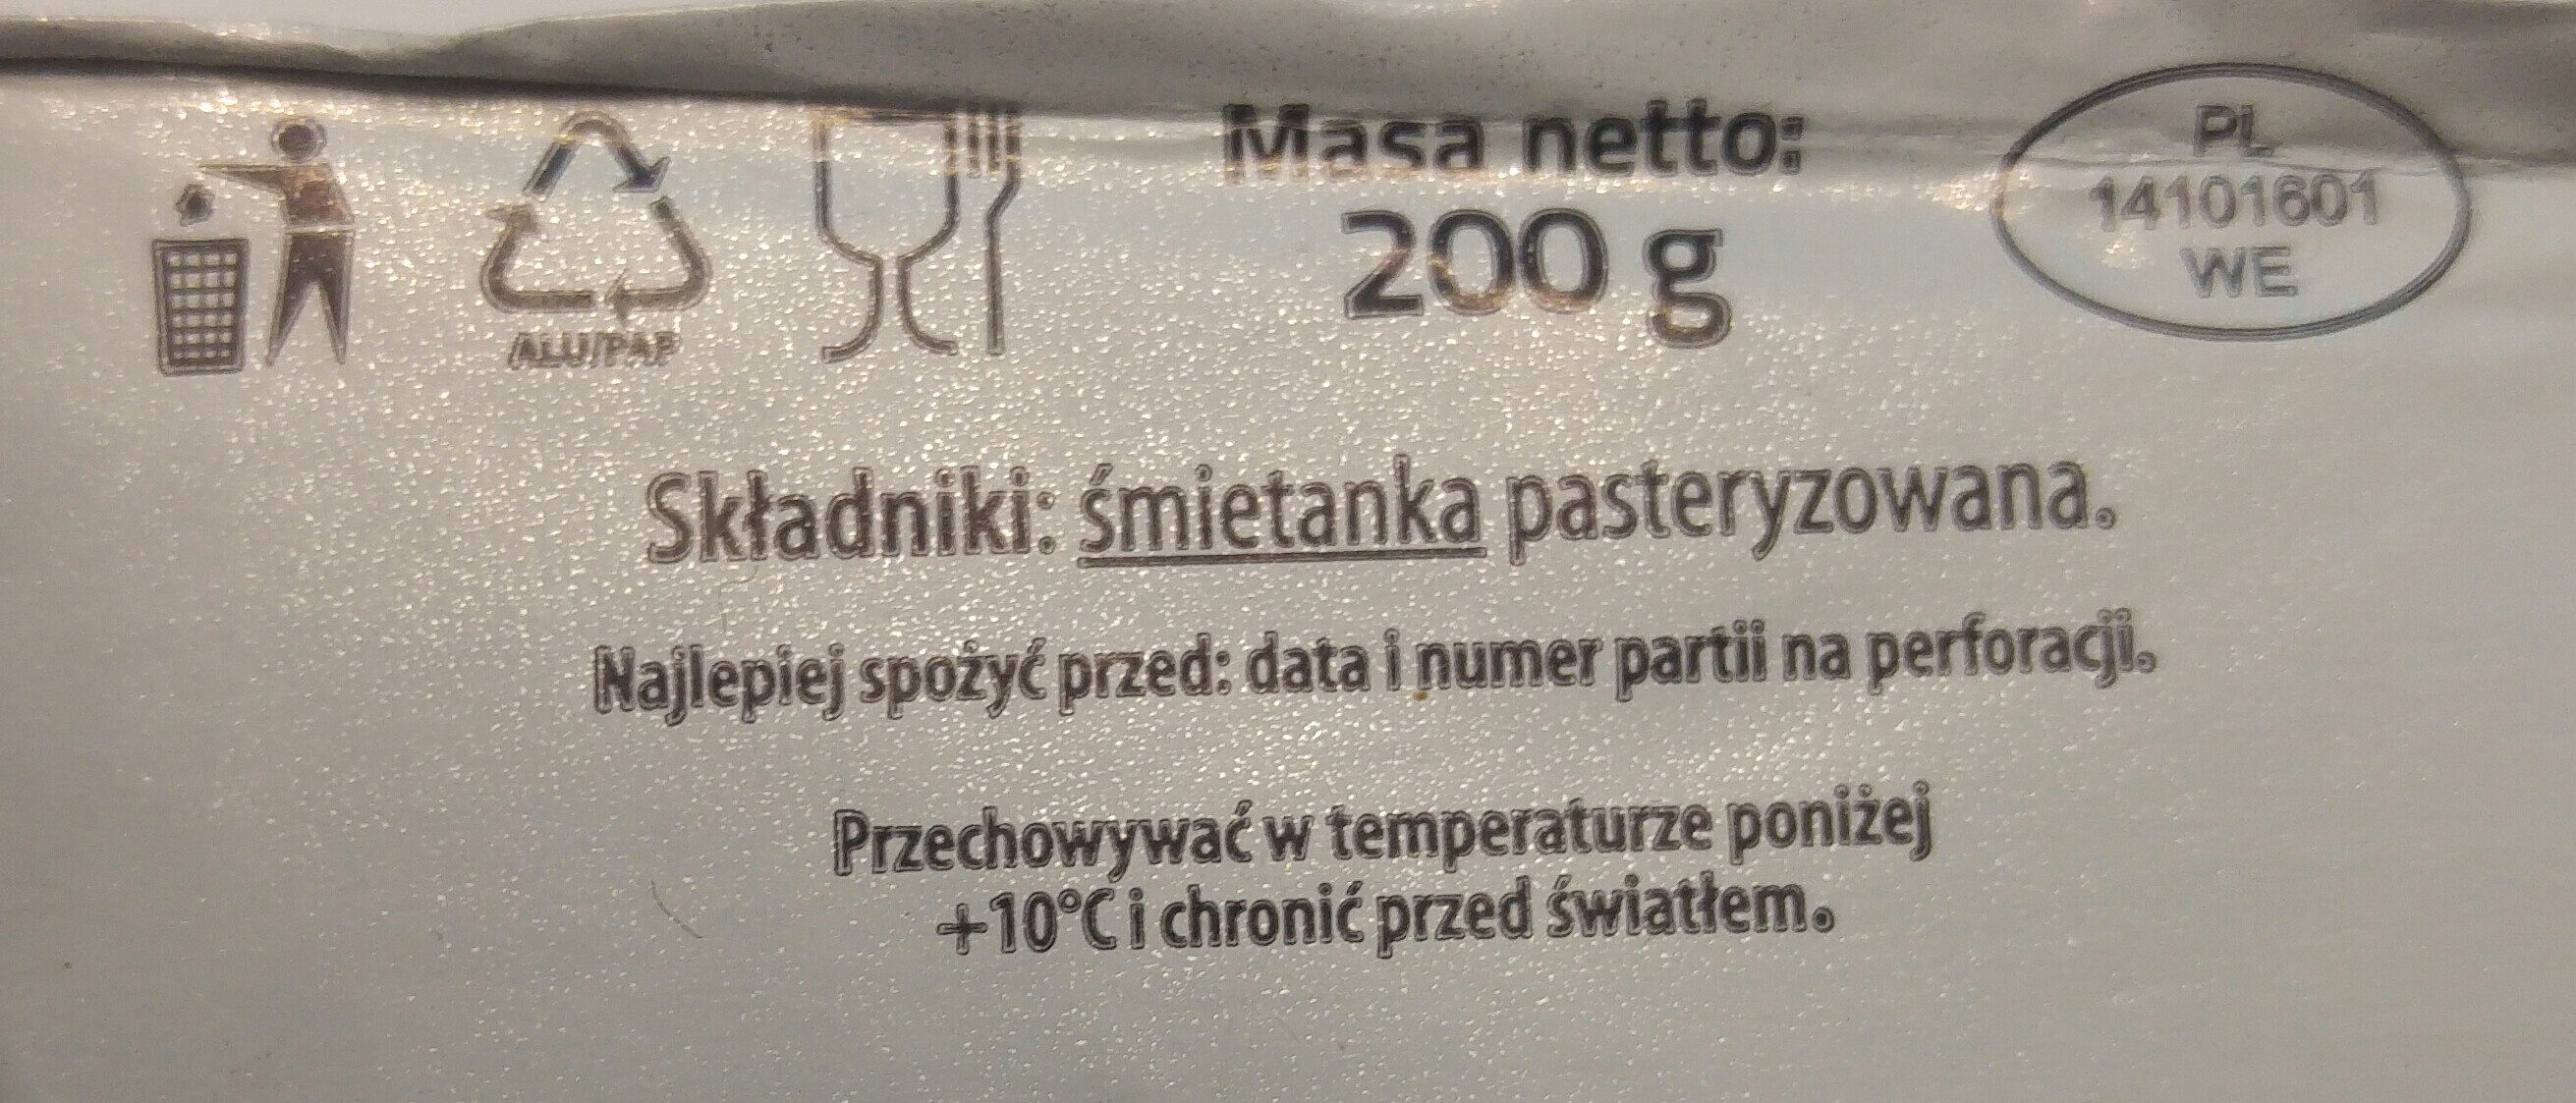 Tradycyjnie masło z Łosic - Składniki - pl